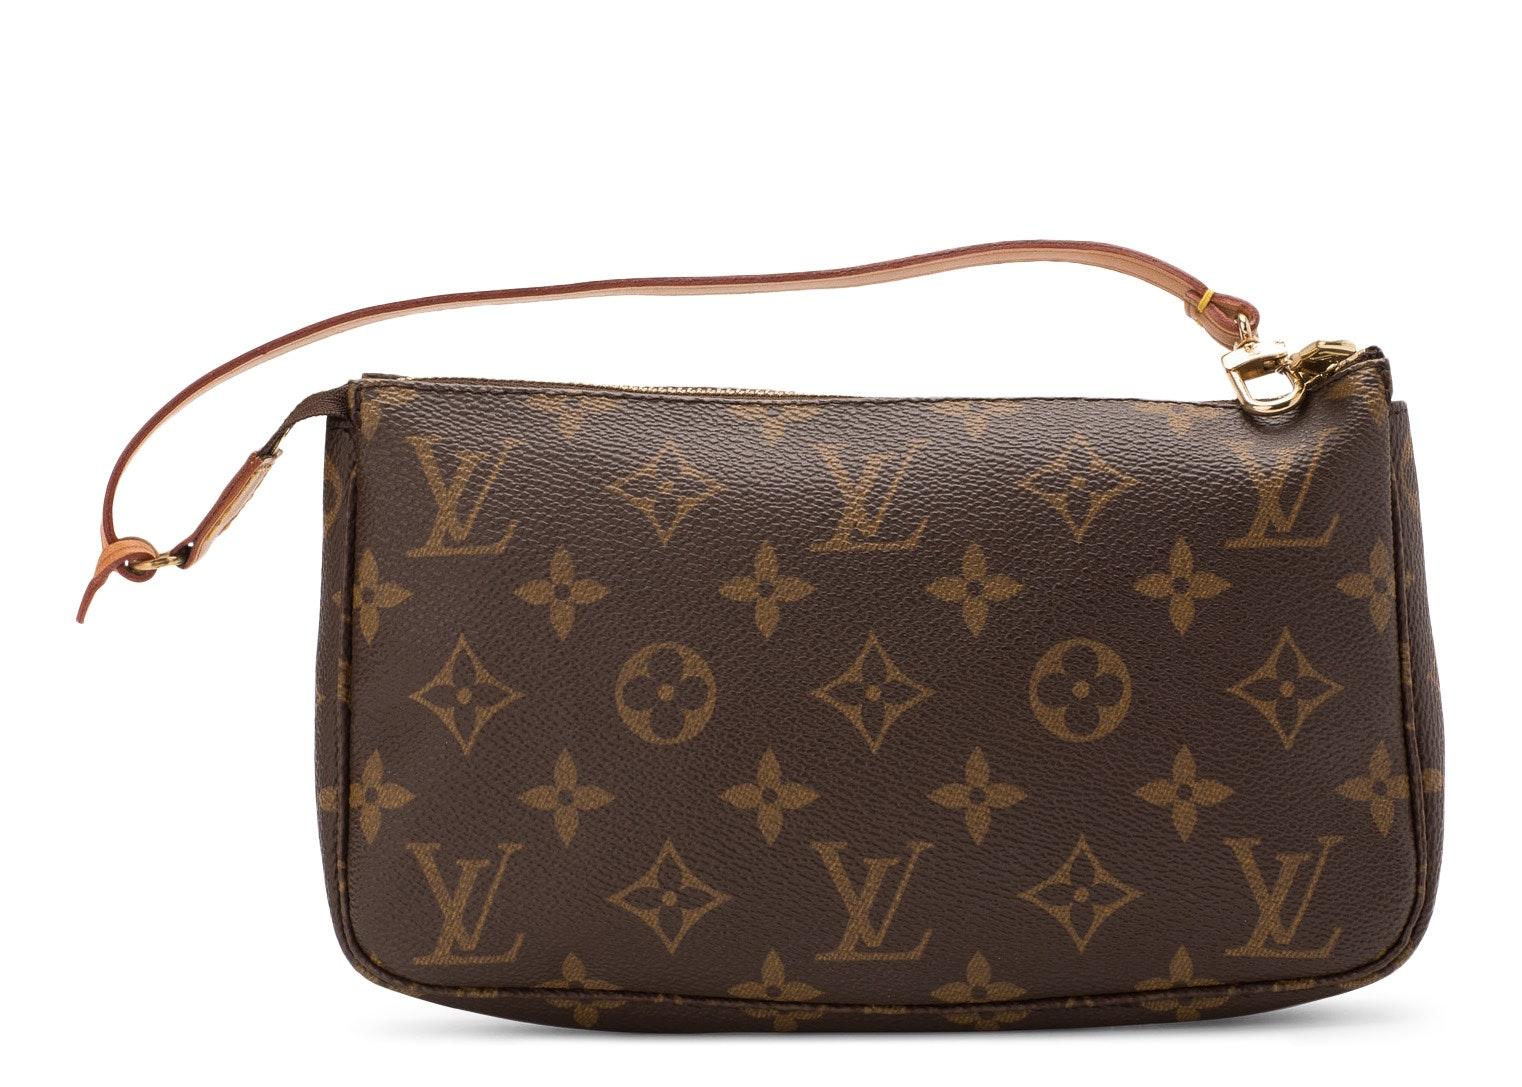 Louis Vuitton Pochette Accessoires Monogram Brown